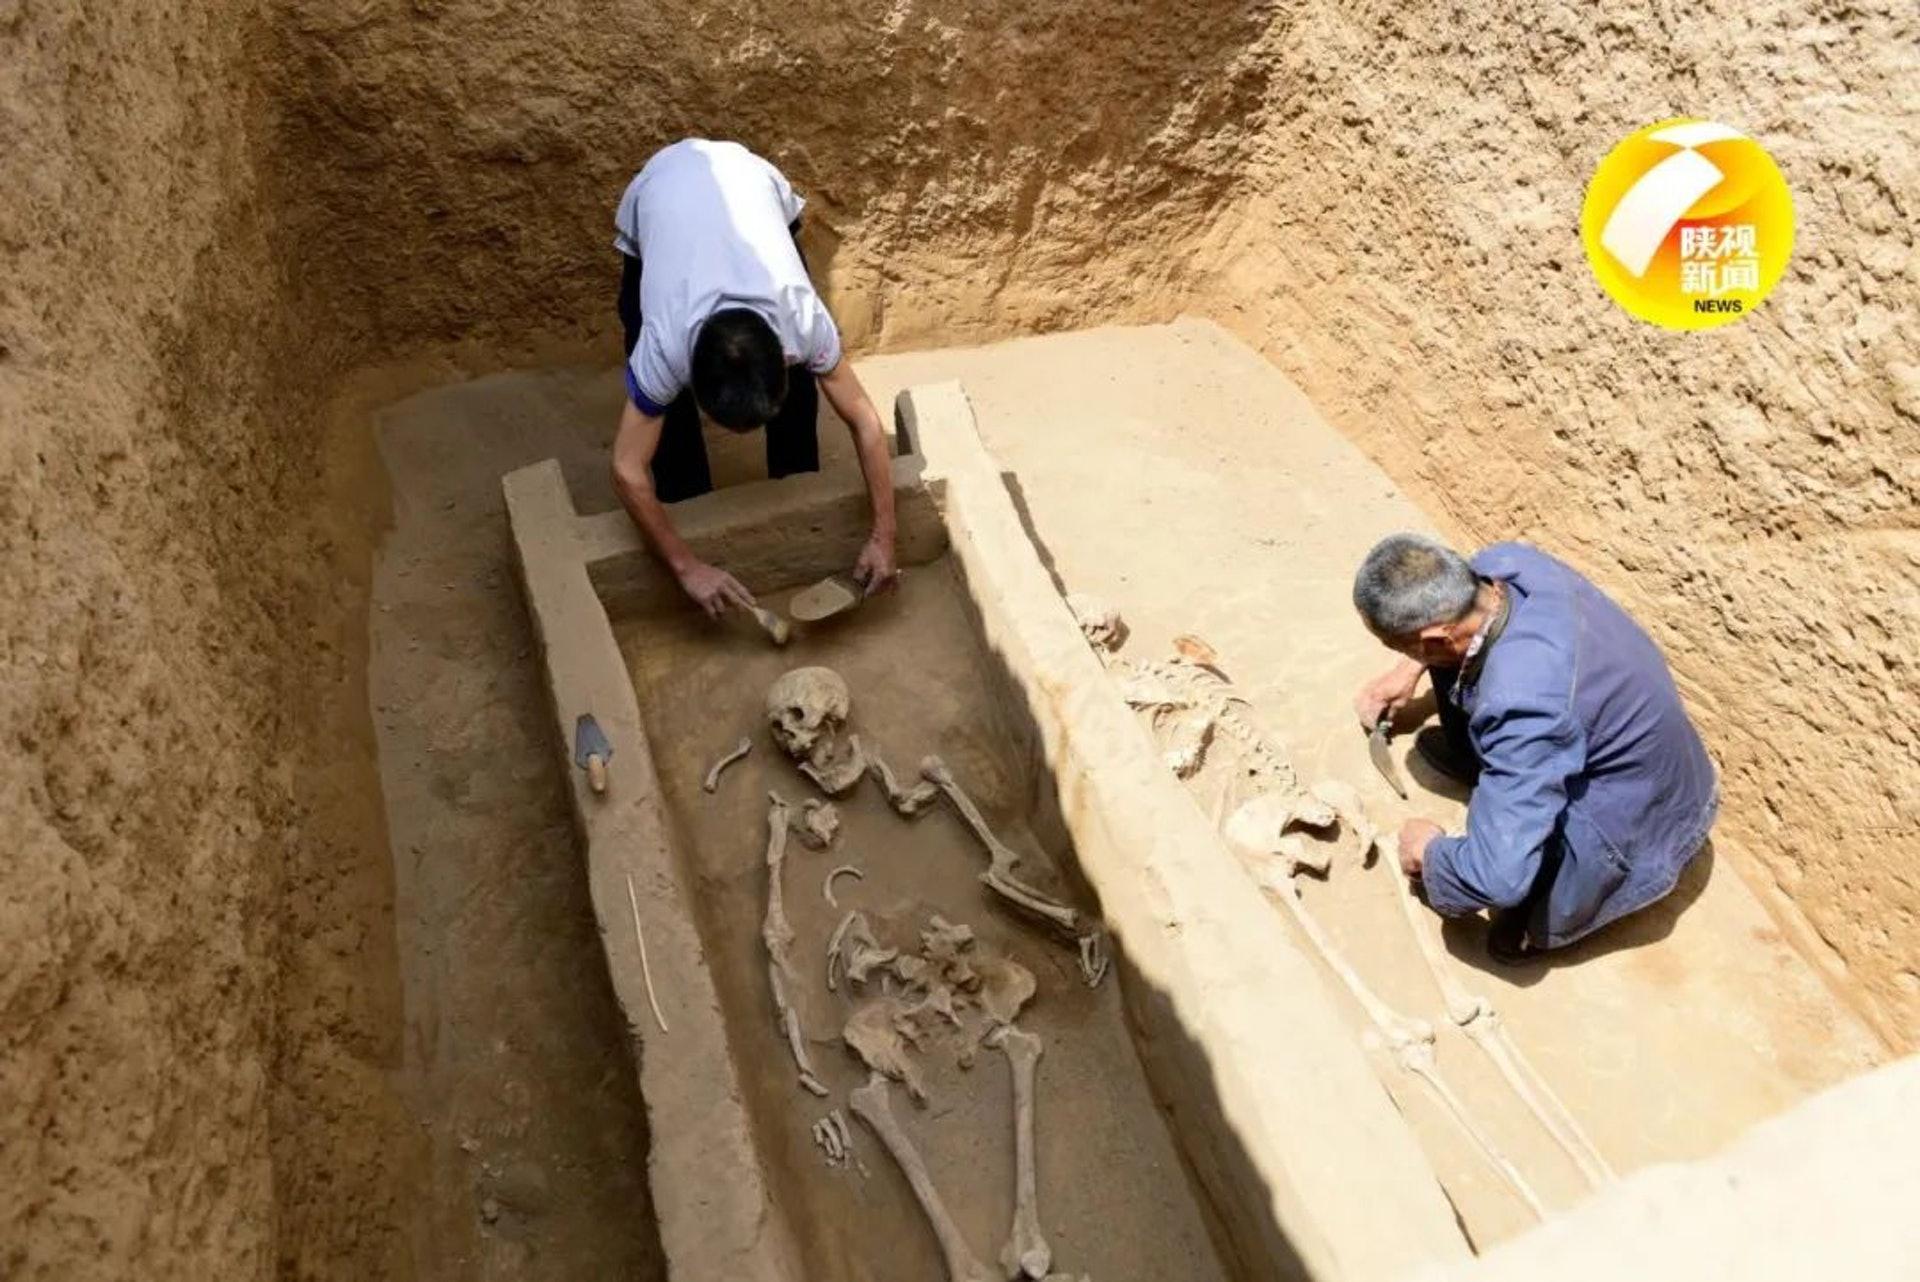 考古大跃进:发现4千年前大墓 女性陪葬手段极残忍